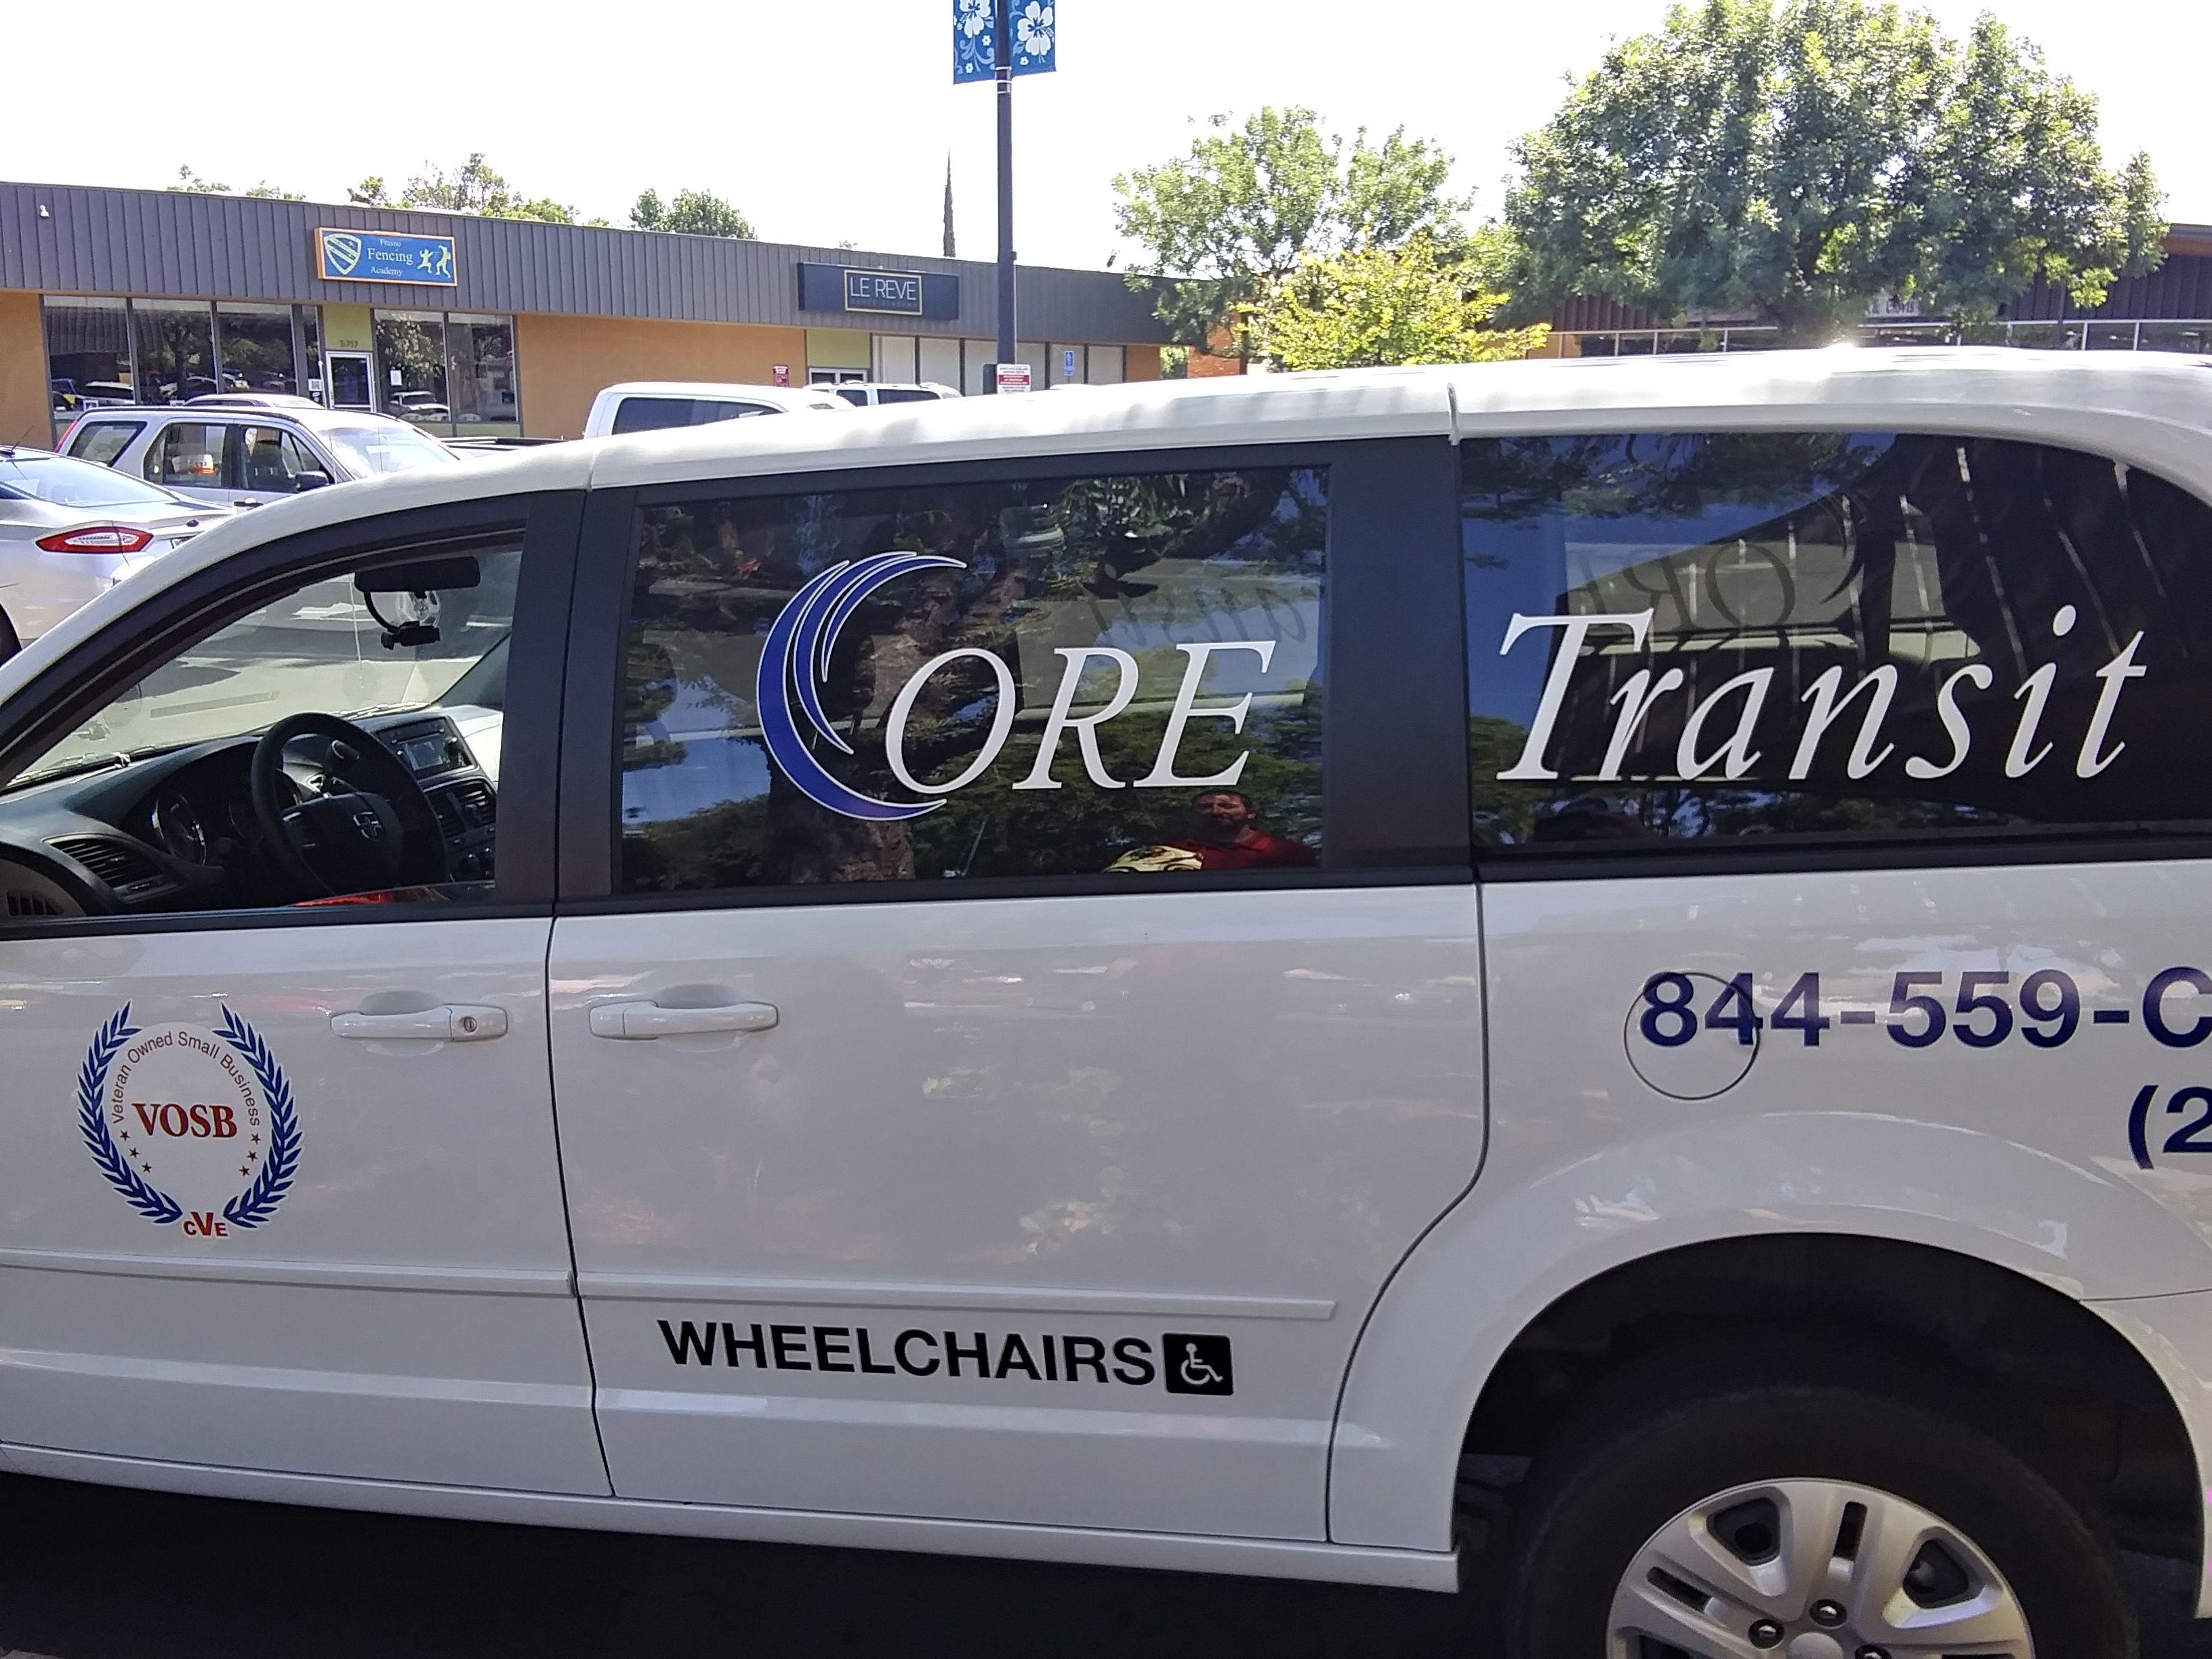 Core Transit